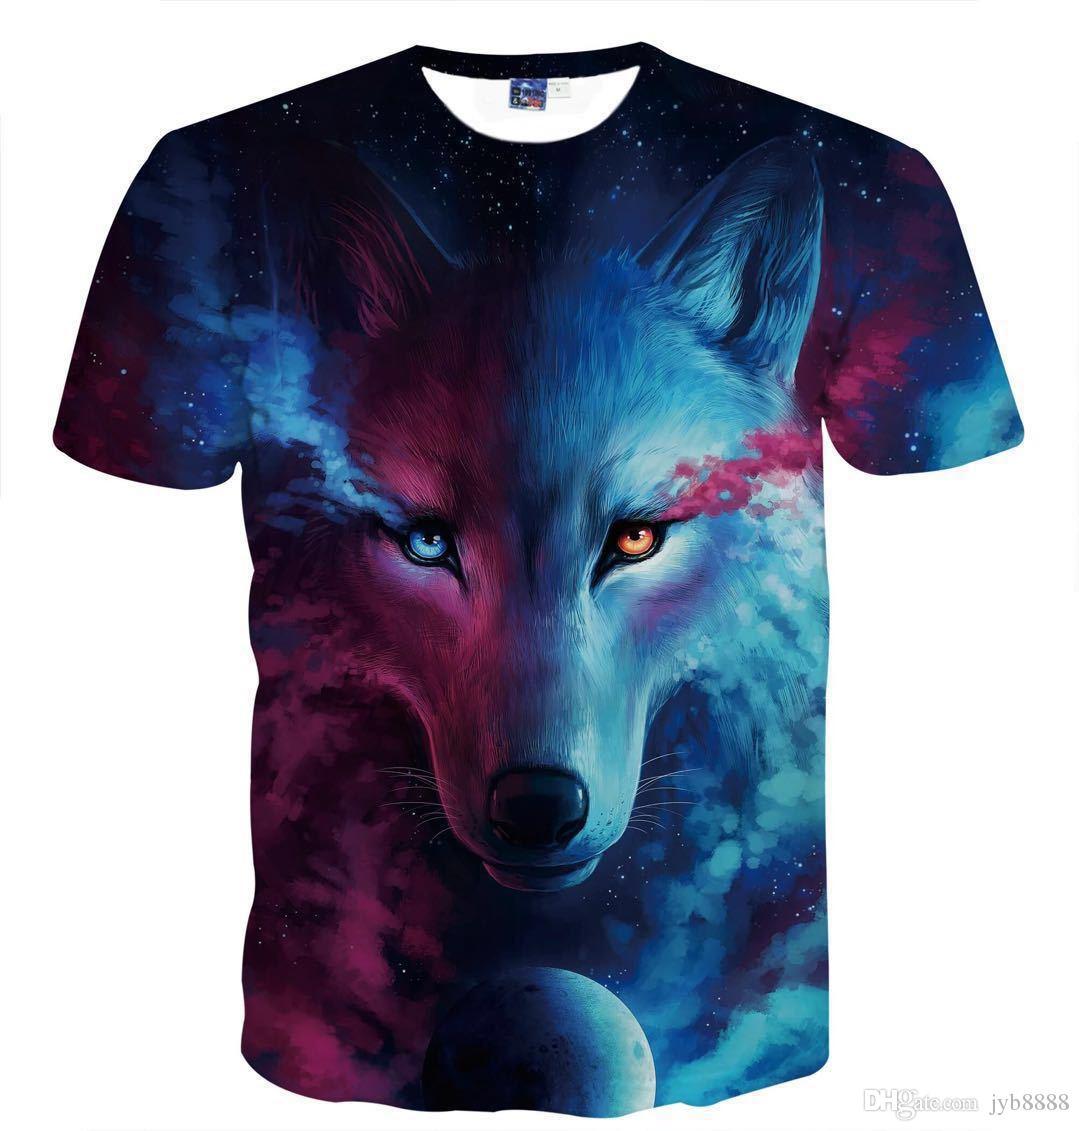 Compras gratis 2018 nuevas camisetas y mangas cortas con estampado digital con patrón de lobo de sangre para hombres y mujeres en Europa y América